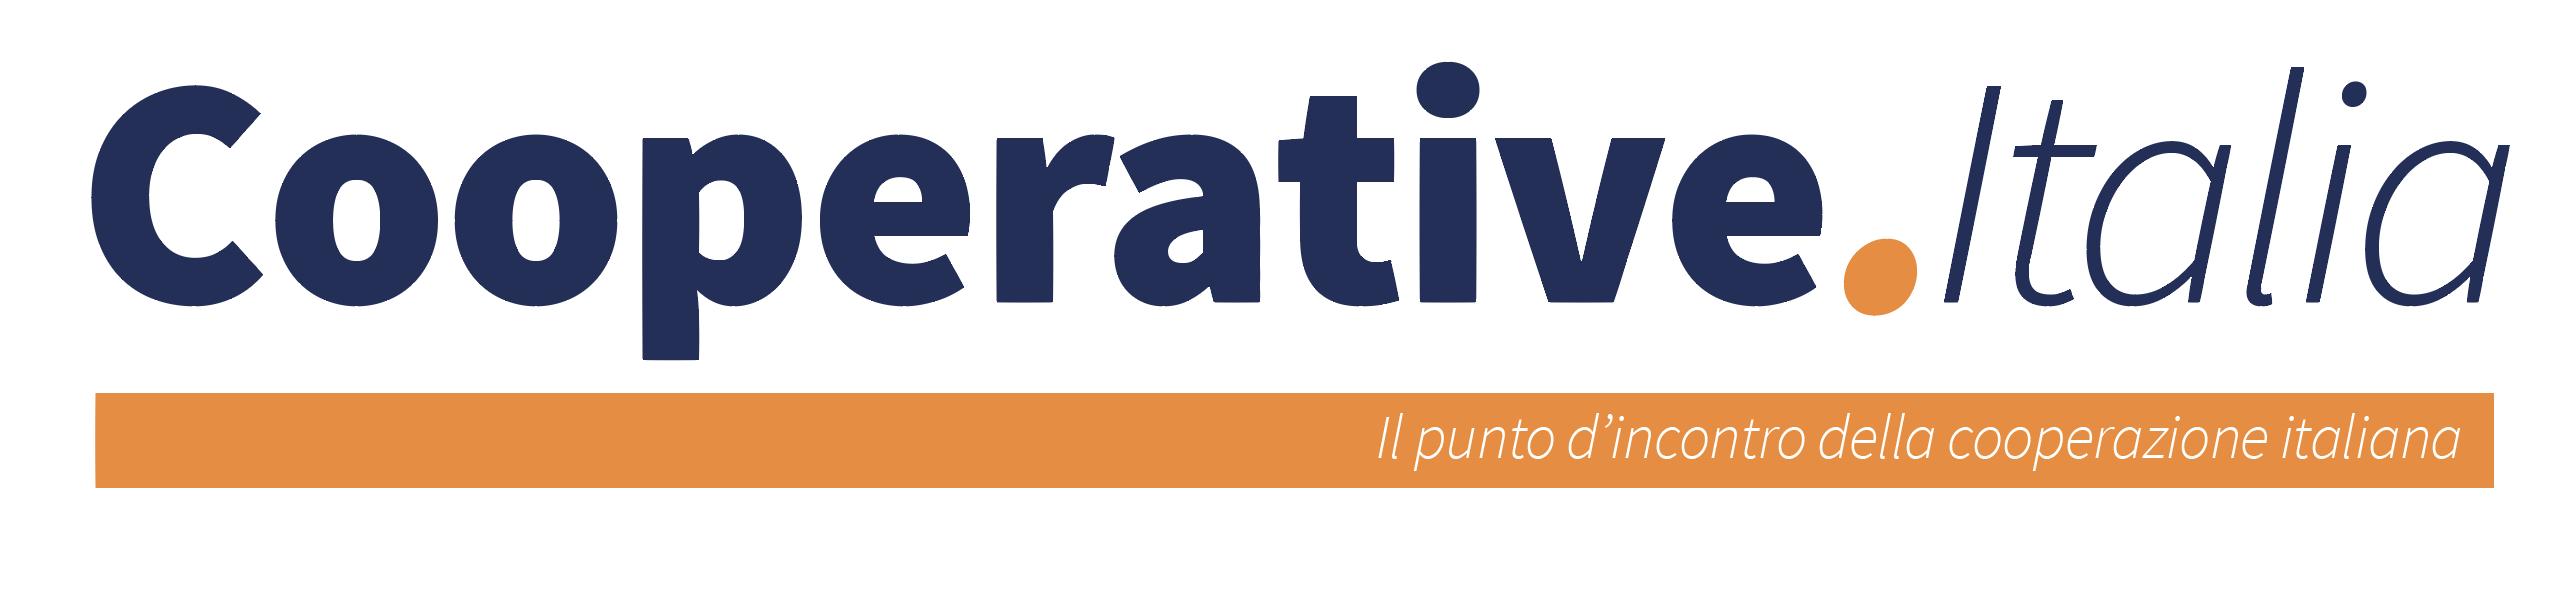 Cooperative Italia – Innovazione Sociale, StartUp